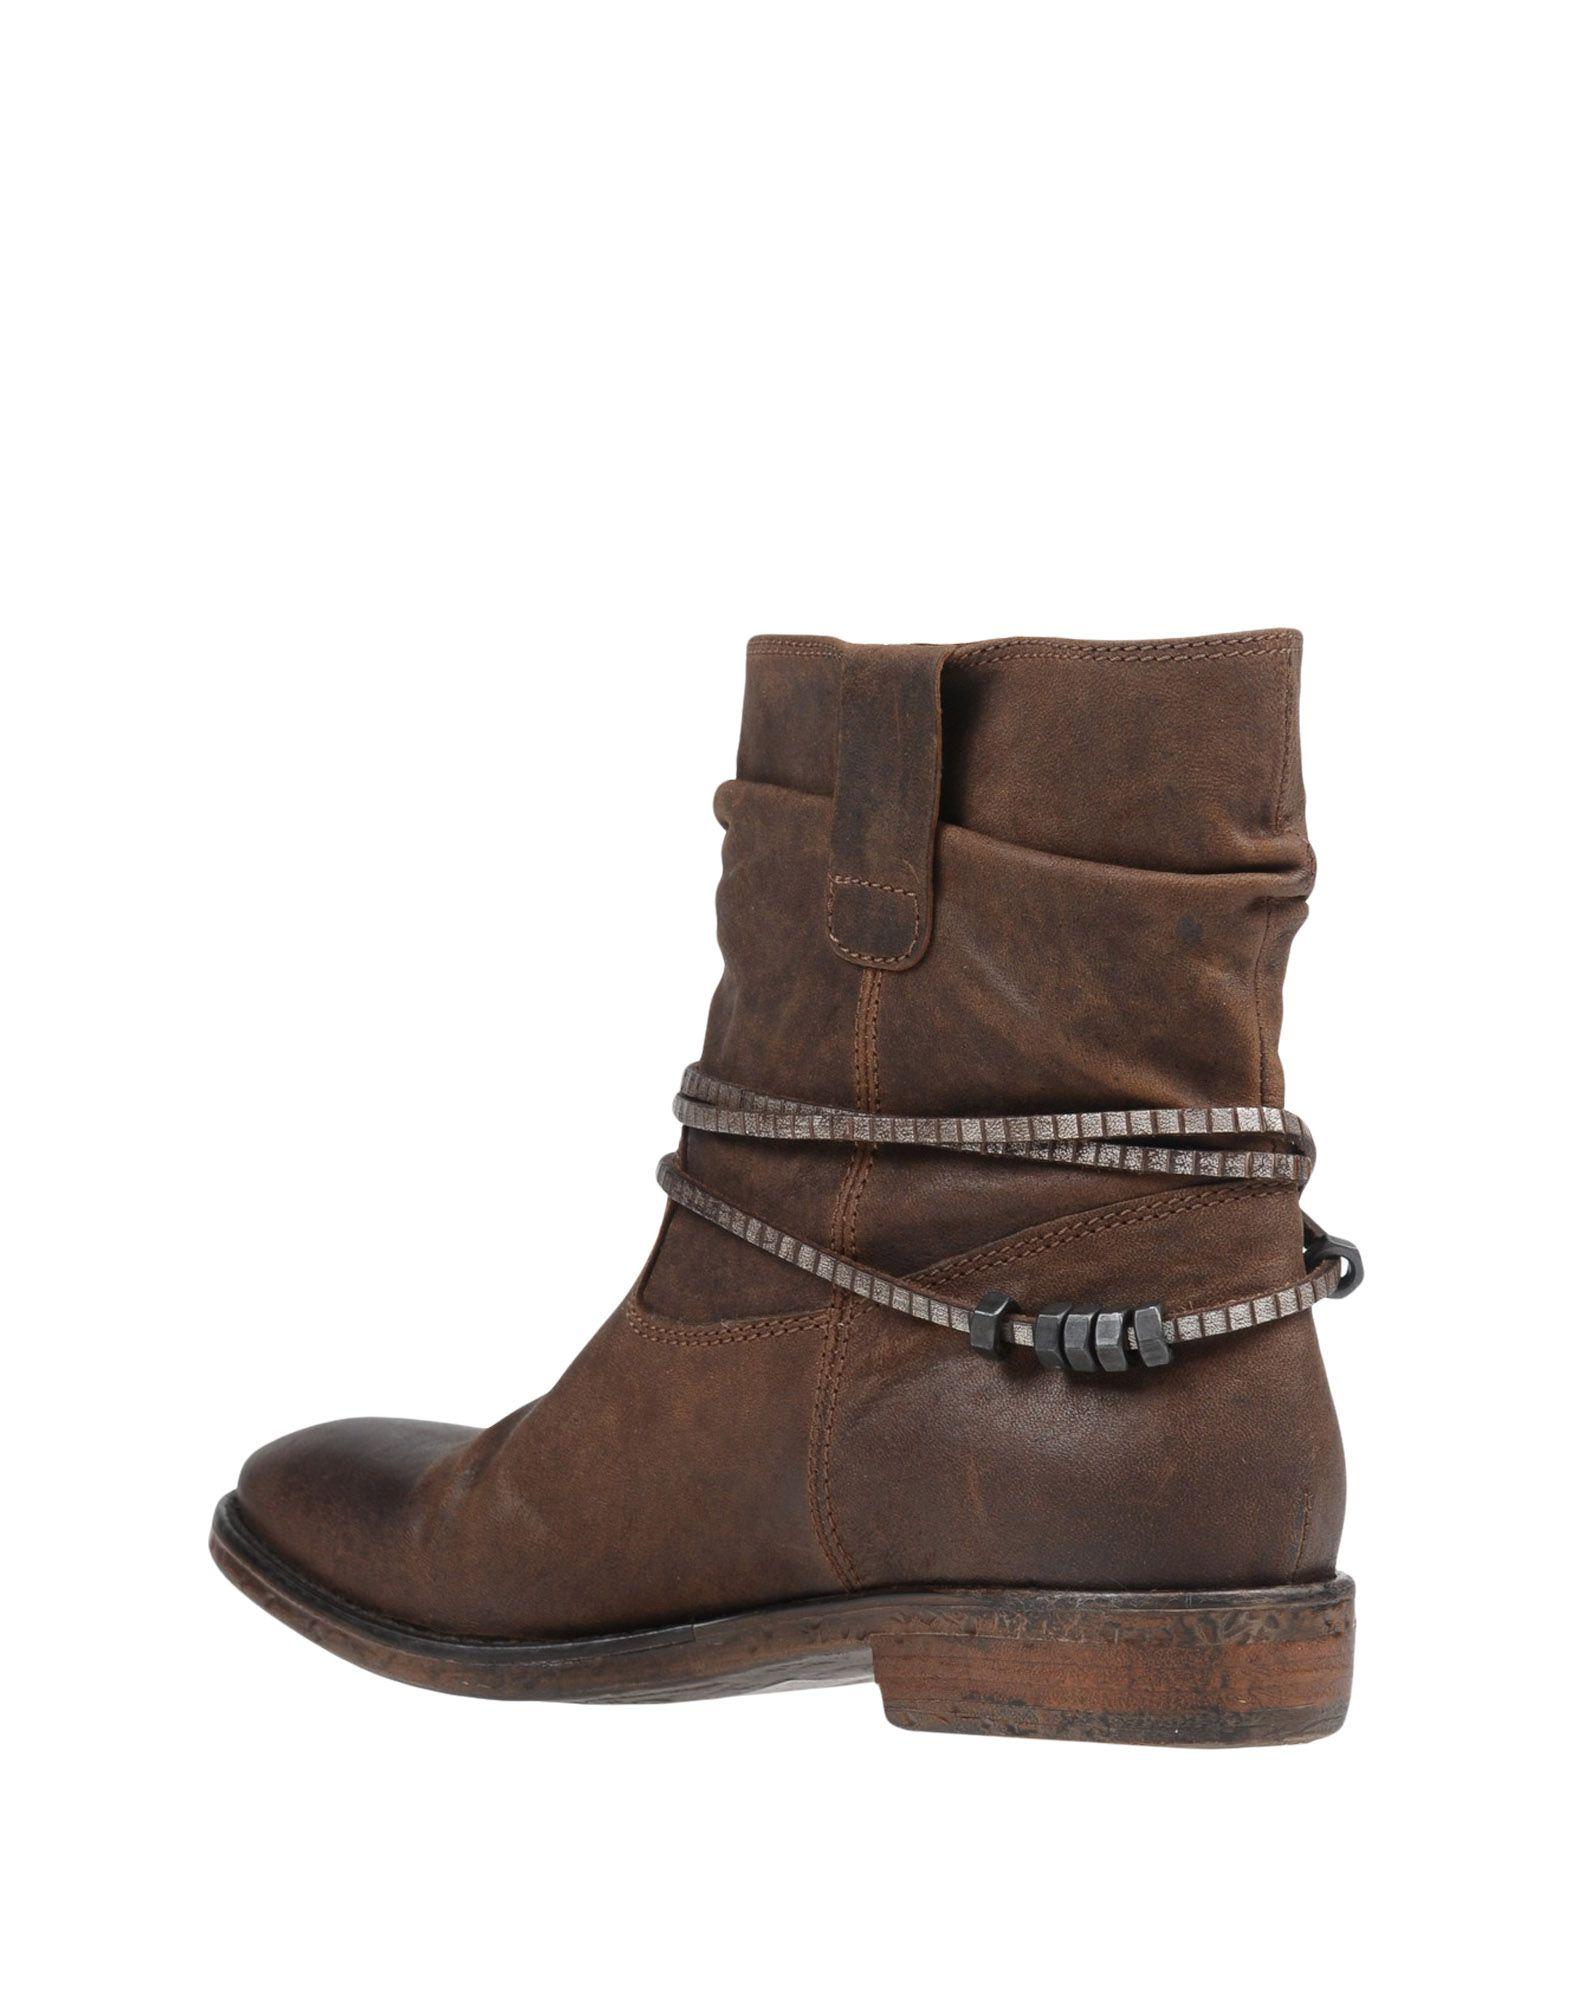 Garrice Stiefelette Damen  11421548DX Gute Qualität beliebte Schuhe